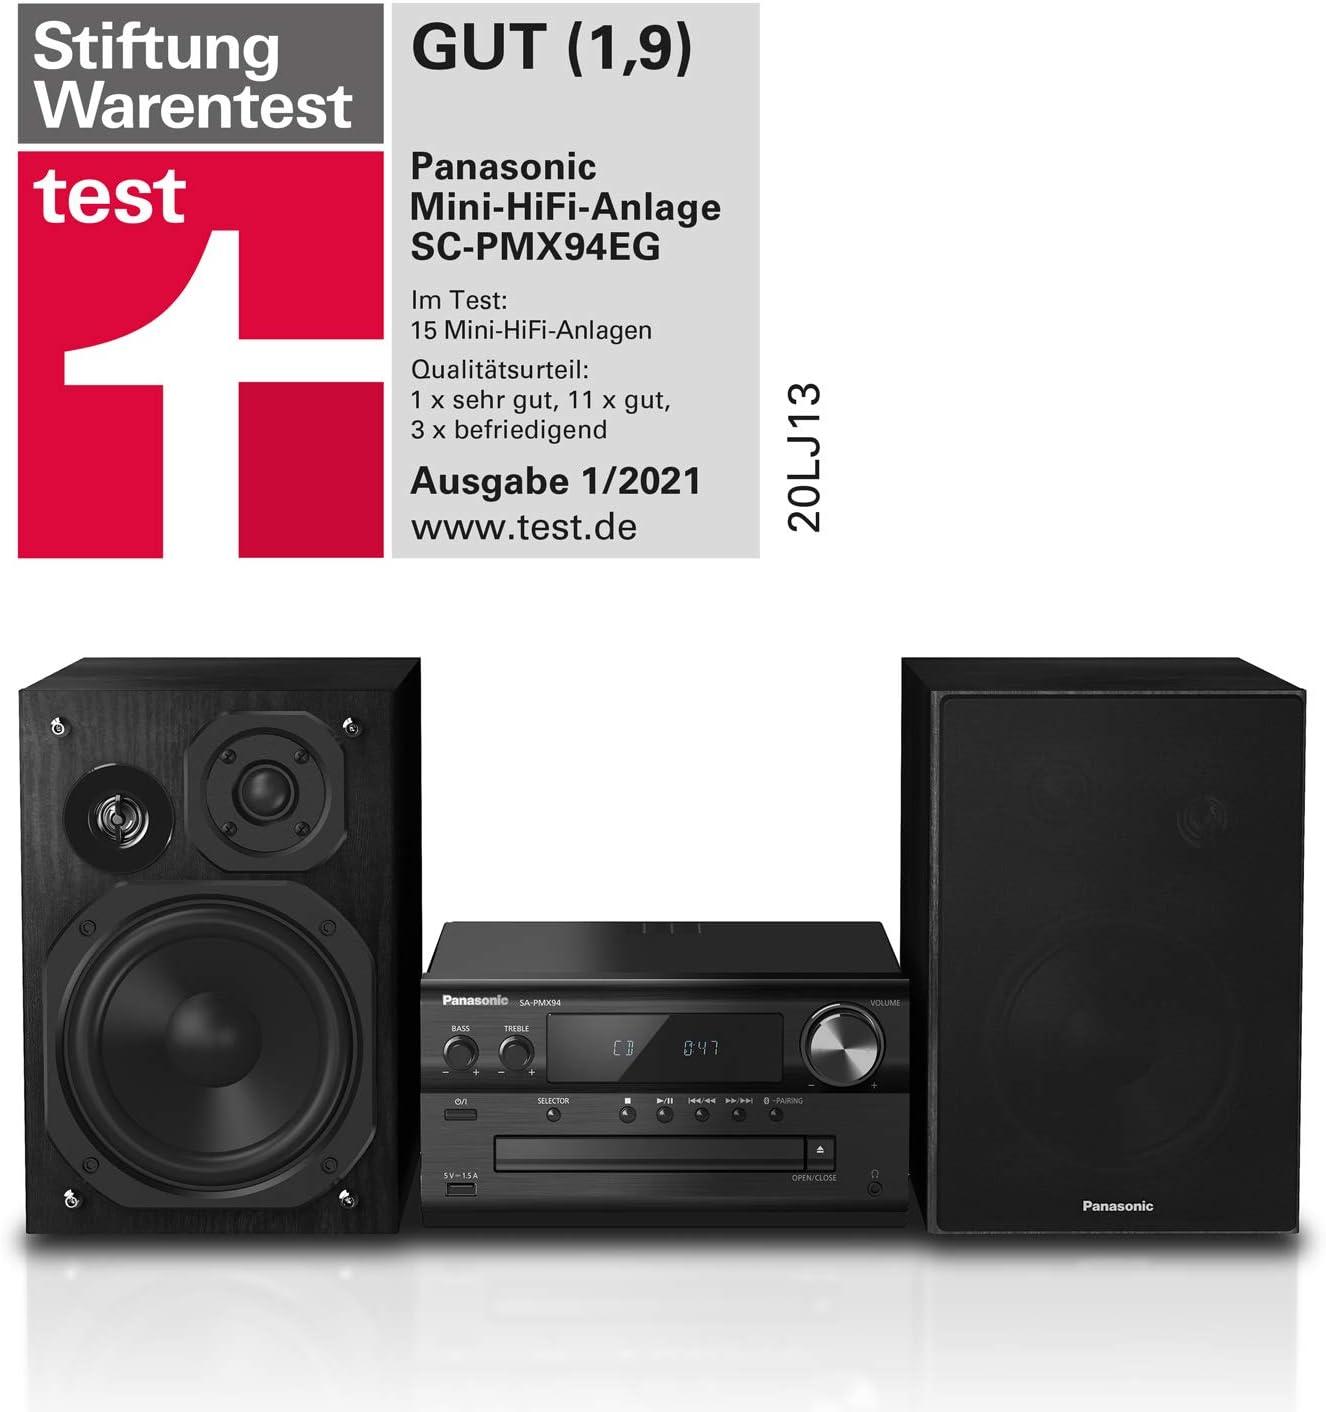 Panasonic SC-PMX94 Minicadena de música para Uso doméstico Negro 120 W - Microcadena (Minicadena de música para Uso doméstico, Negro, Monótono, 120 W, ...